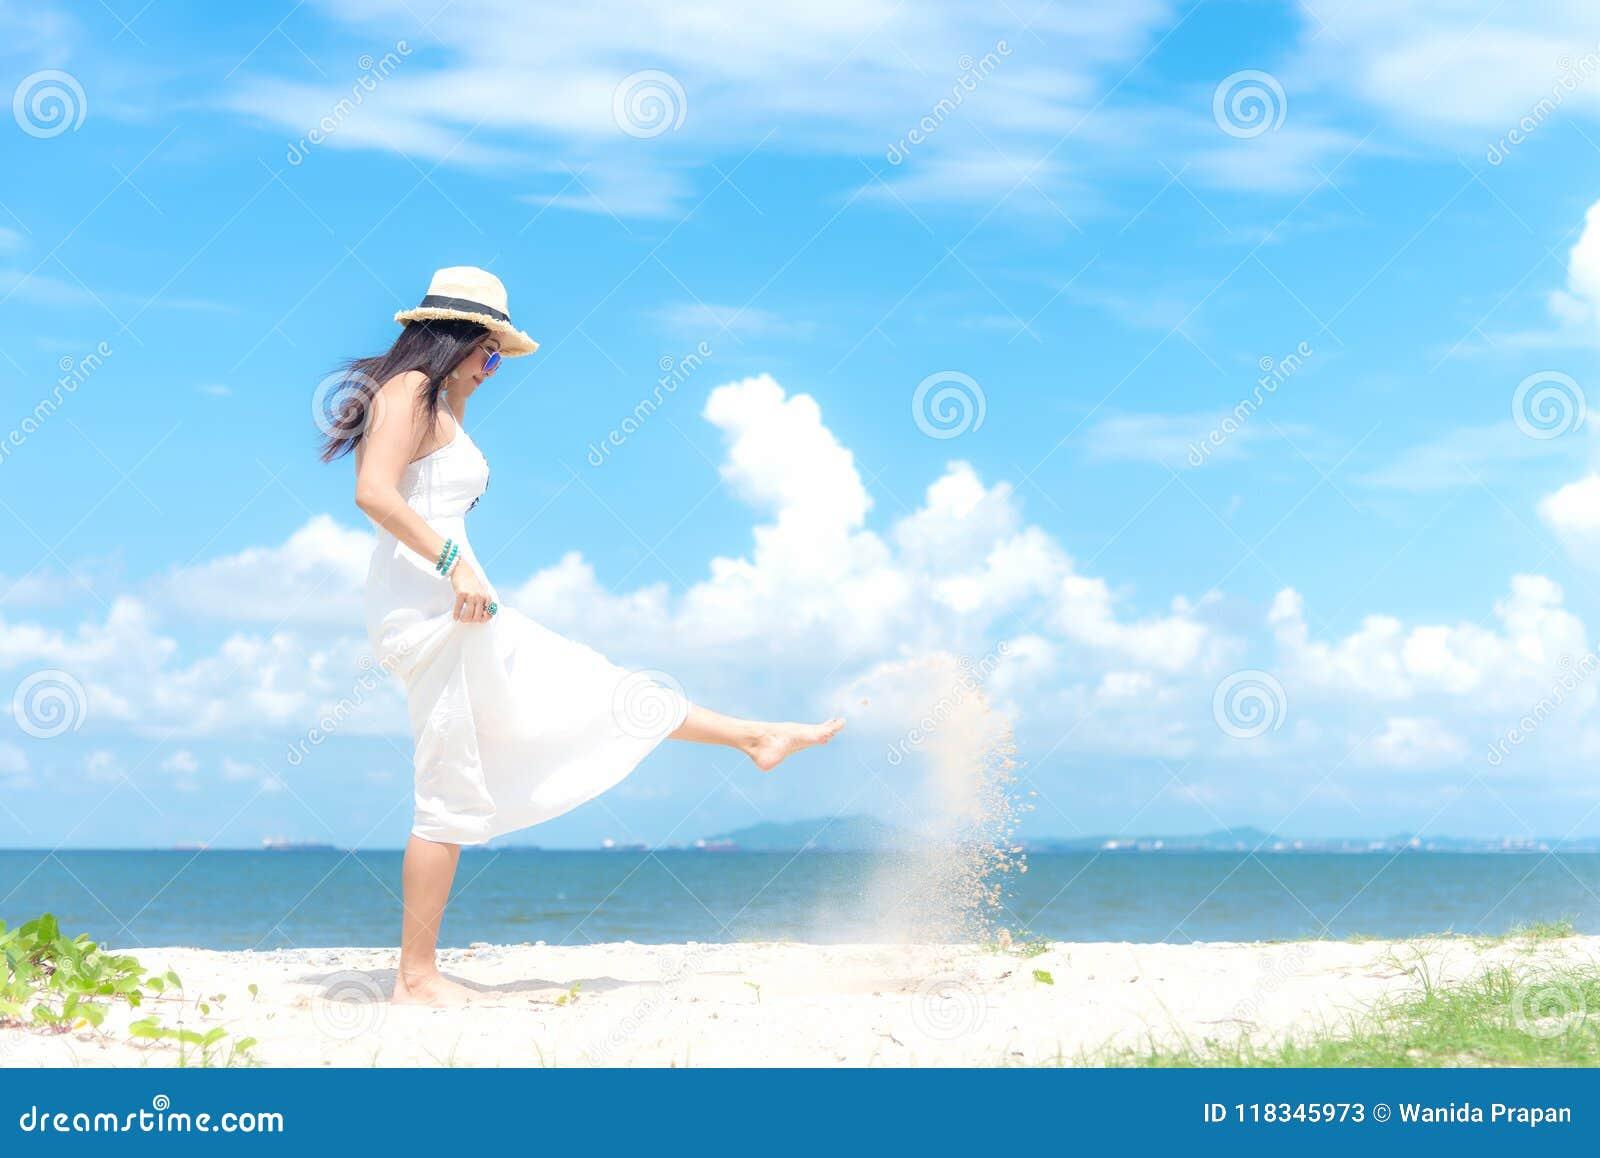 El verano blanco sonriente de la moda de la mujer que lleva asiática que camina en el océano arenoso vara La mujer disfruta y rel